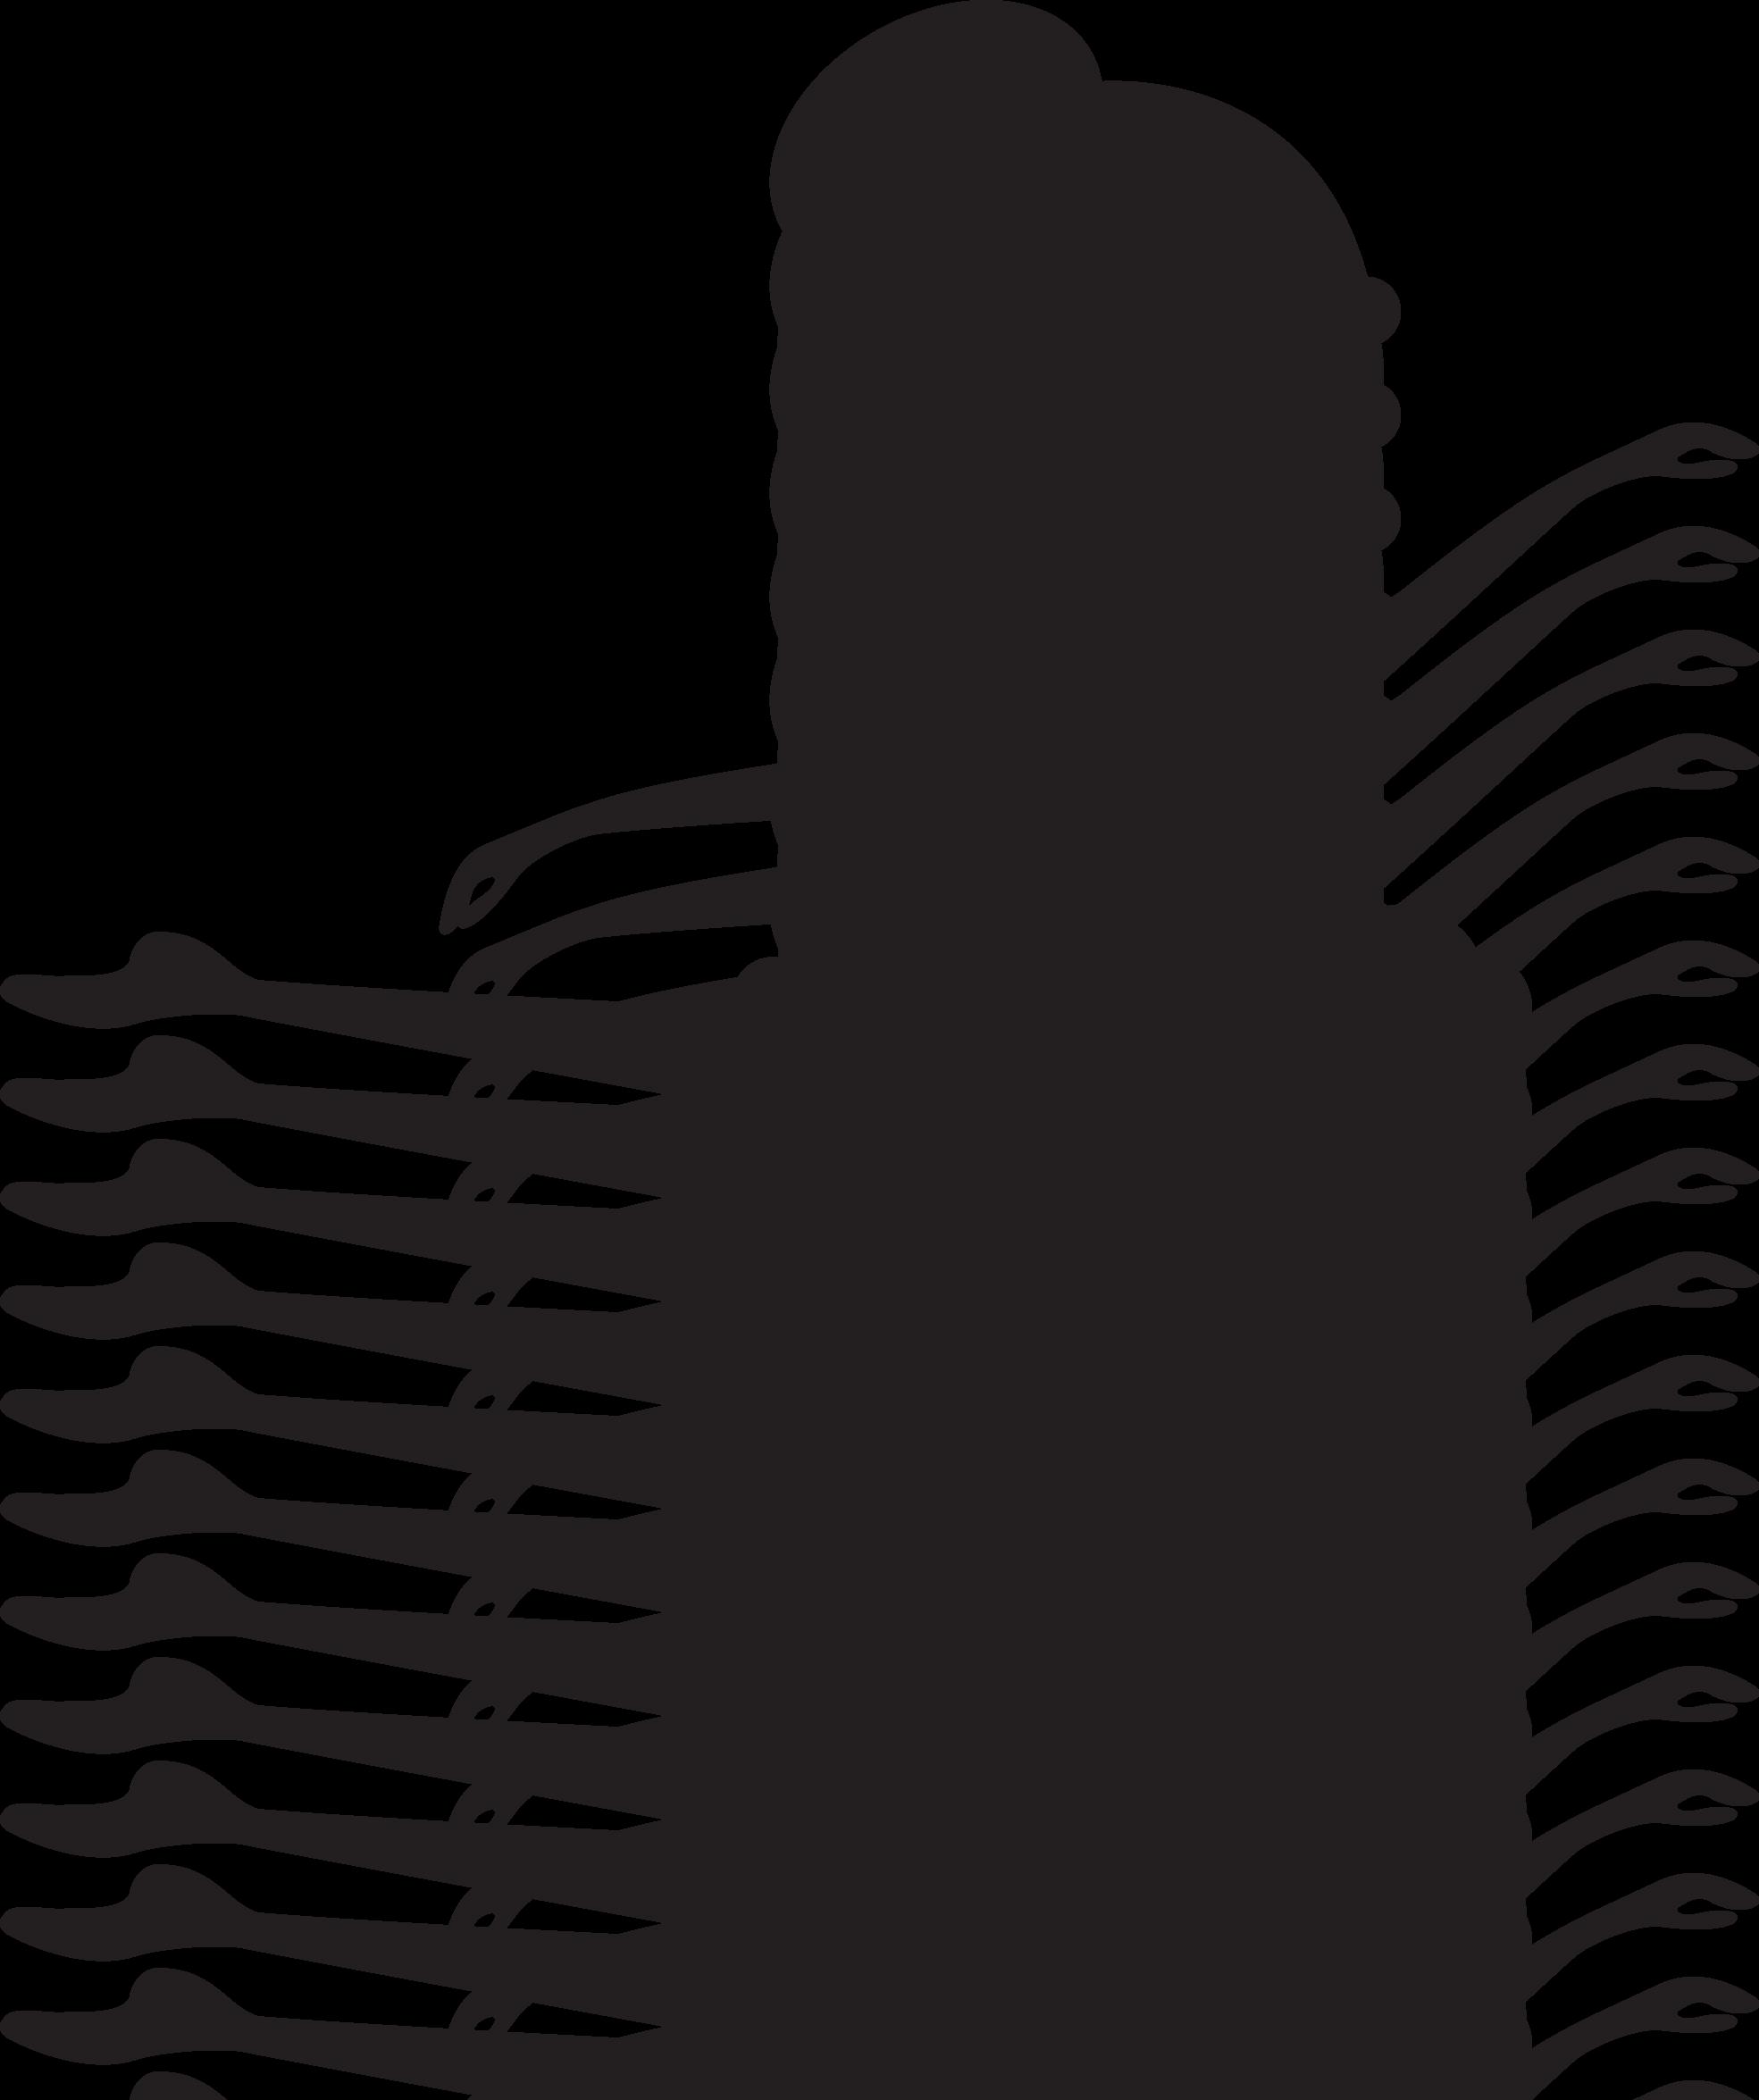 установлены номерах картинка балерины рисунок силуэт понаблюдай муравьями одним